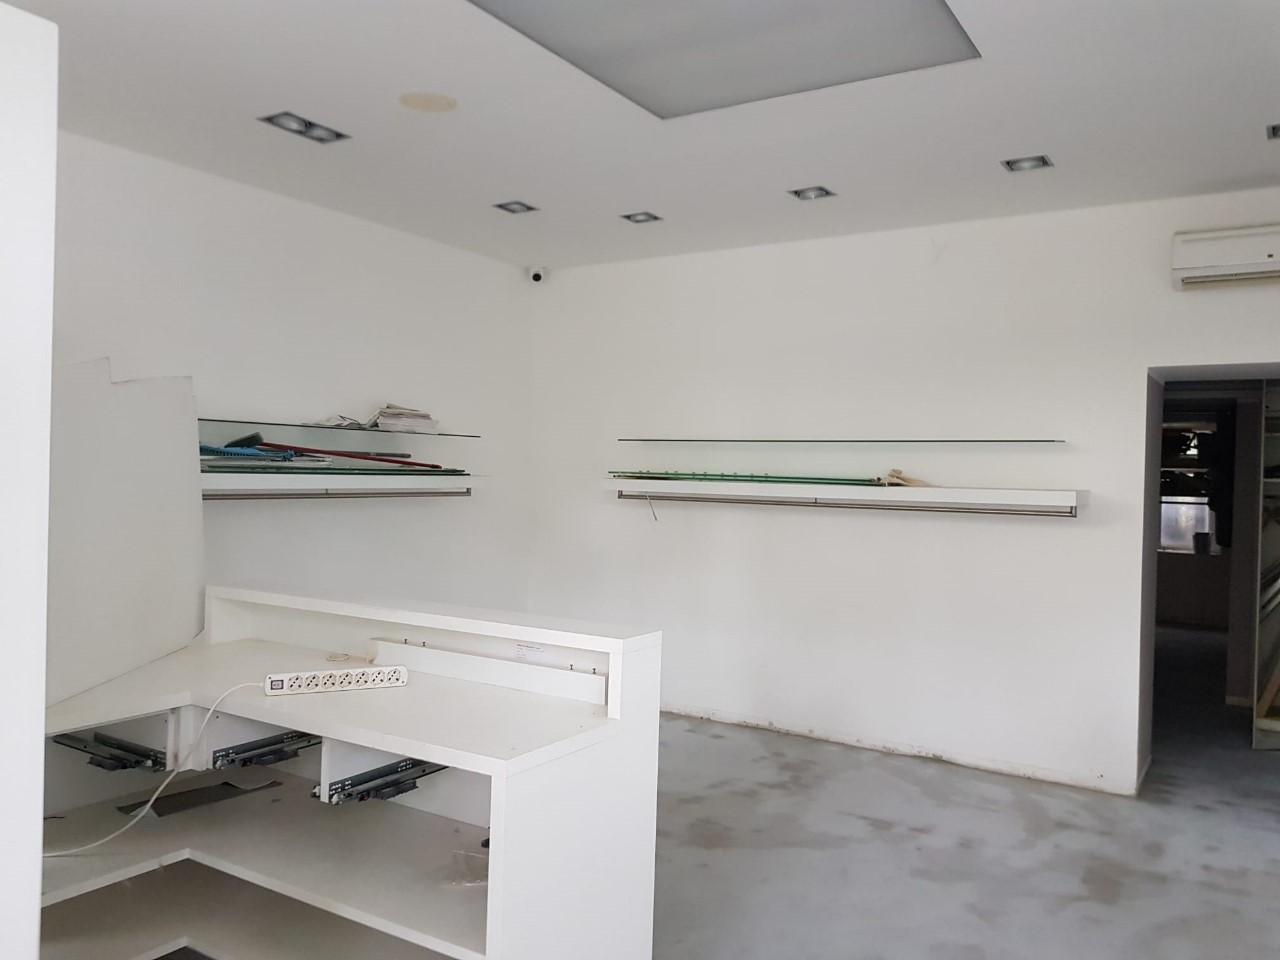 Negozio / Locale in affitto a Merano, 2 locali, prezzo € 1.200 | CambioCasa.it